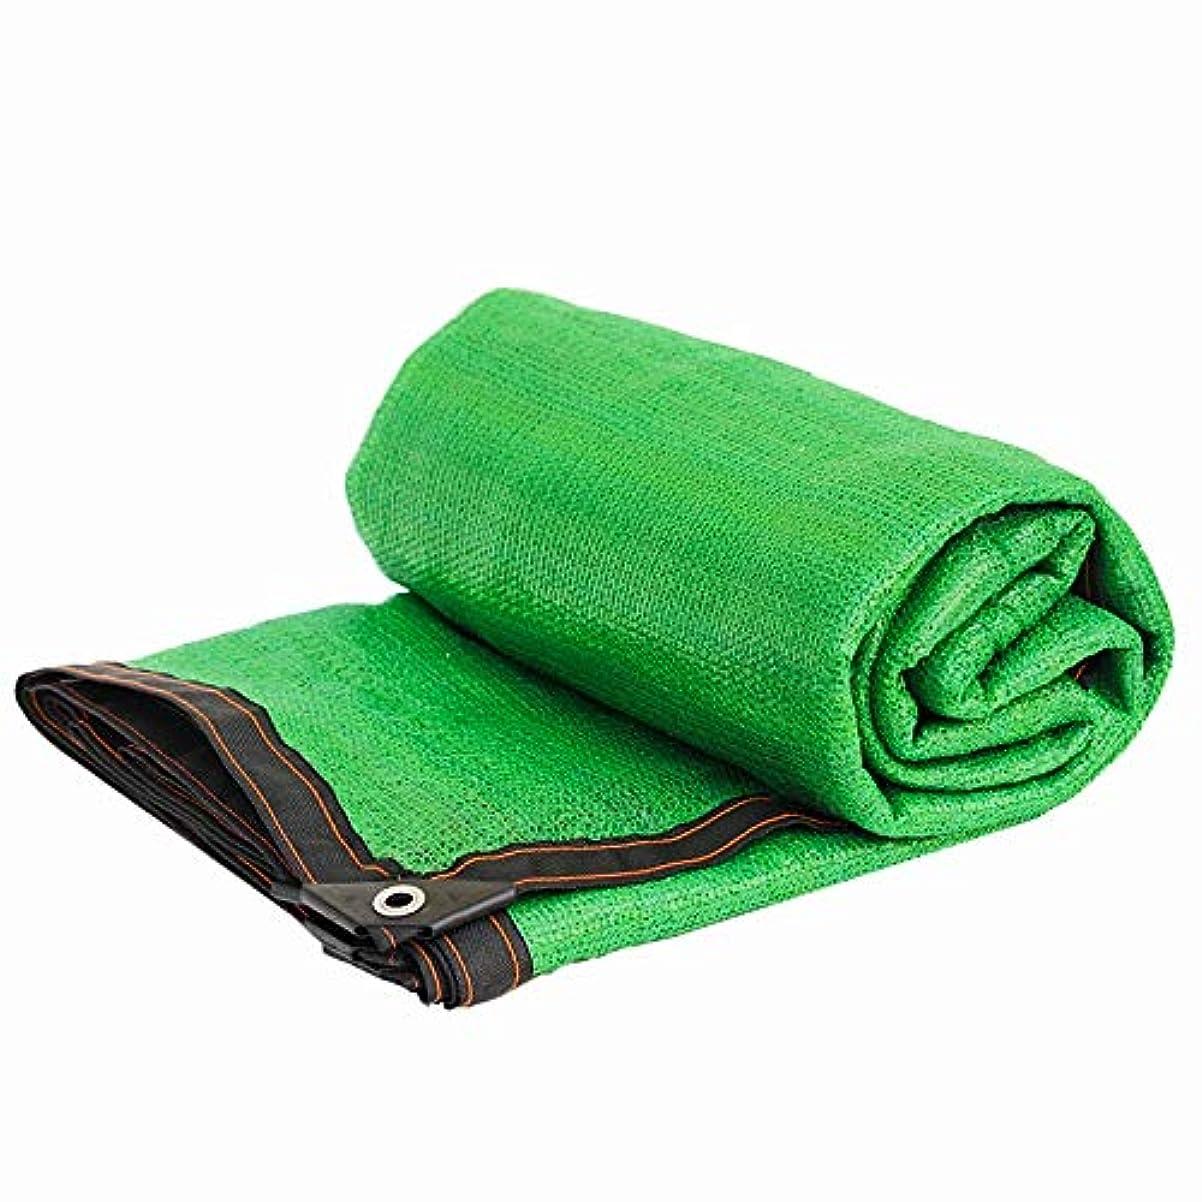 頻繁に議題きらめきシェーディングネット日よけネット日よけネット85%日焼け止め遮光プロジェクトバルコニー車の花緑の植物断熱材ネット緑8件のピン (Size : 2x1m)